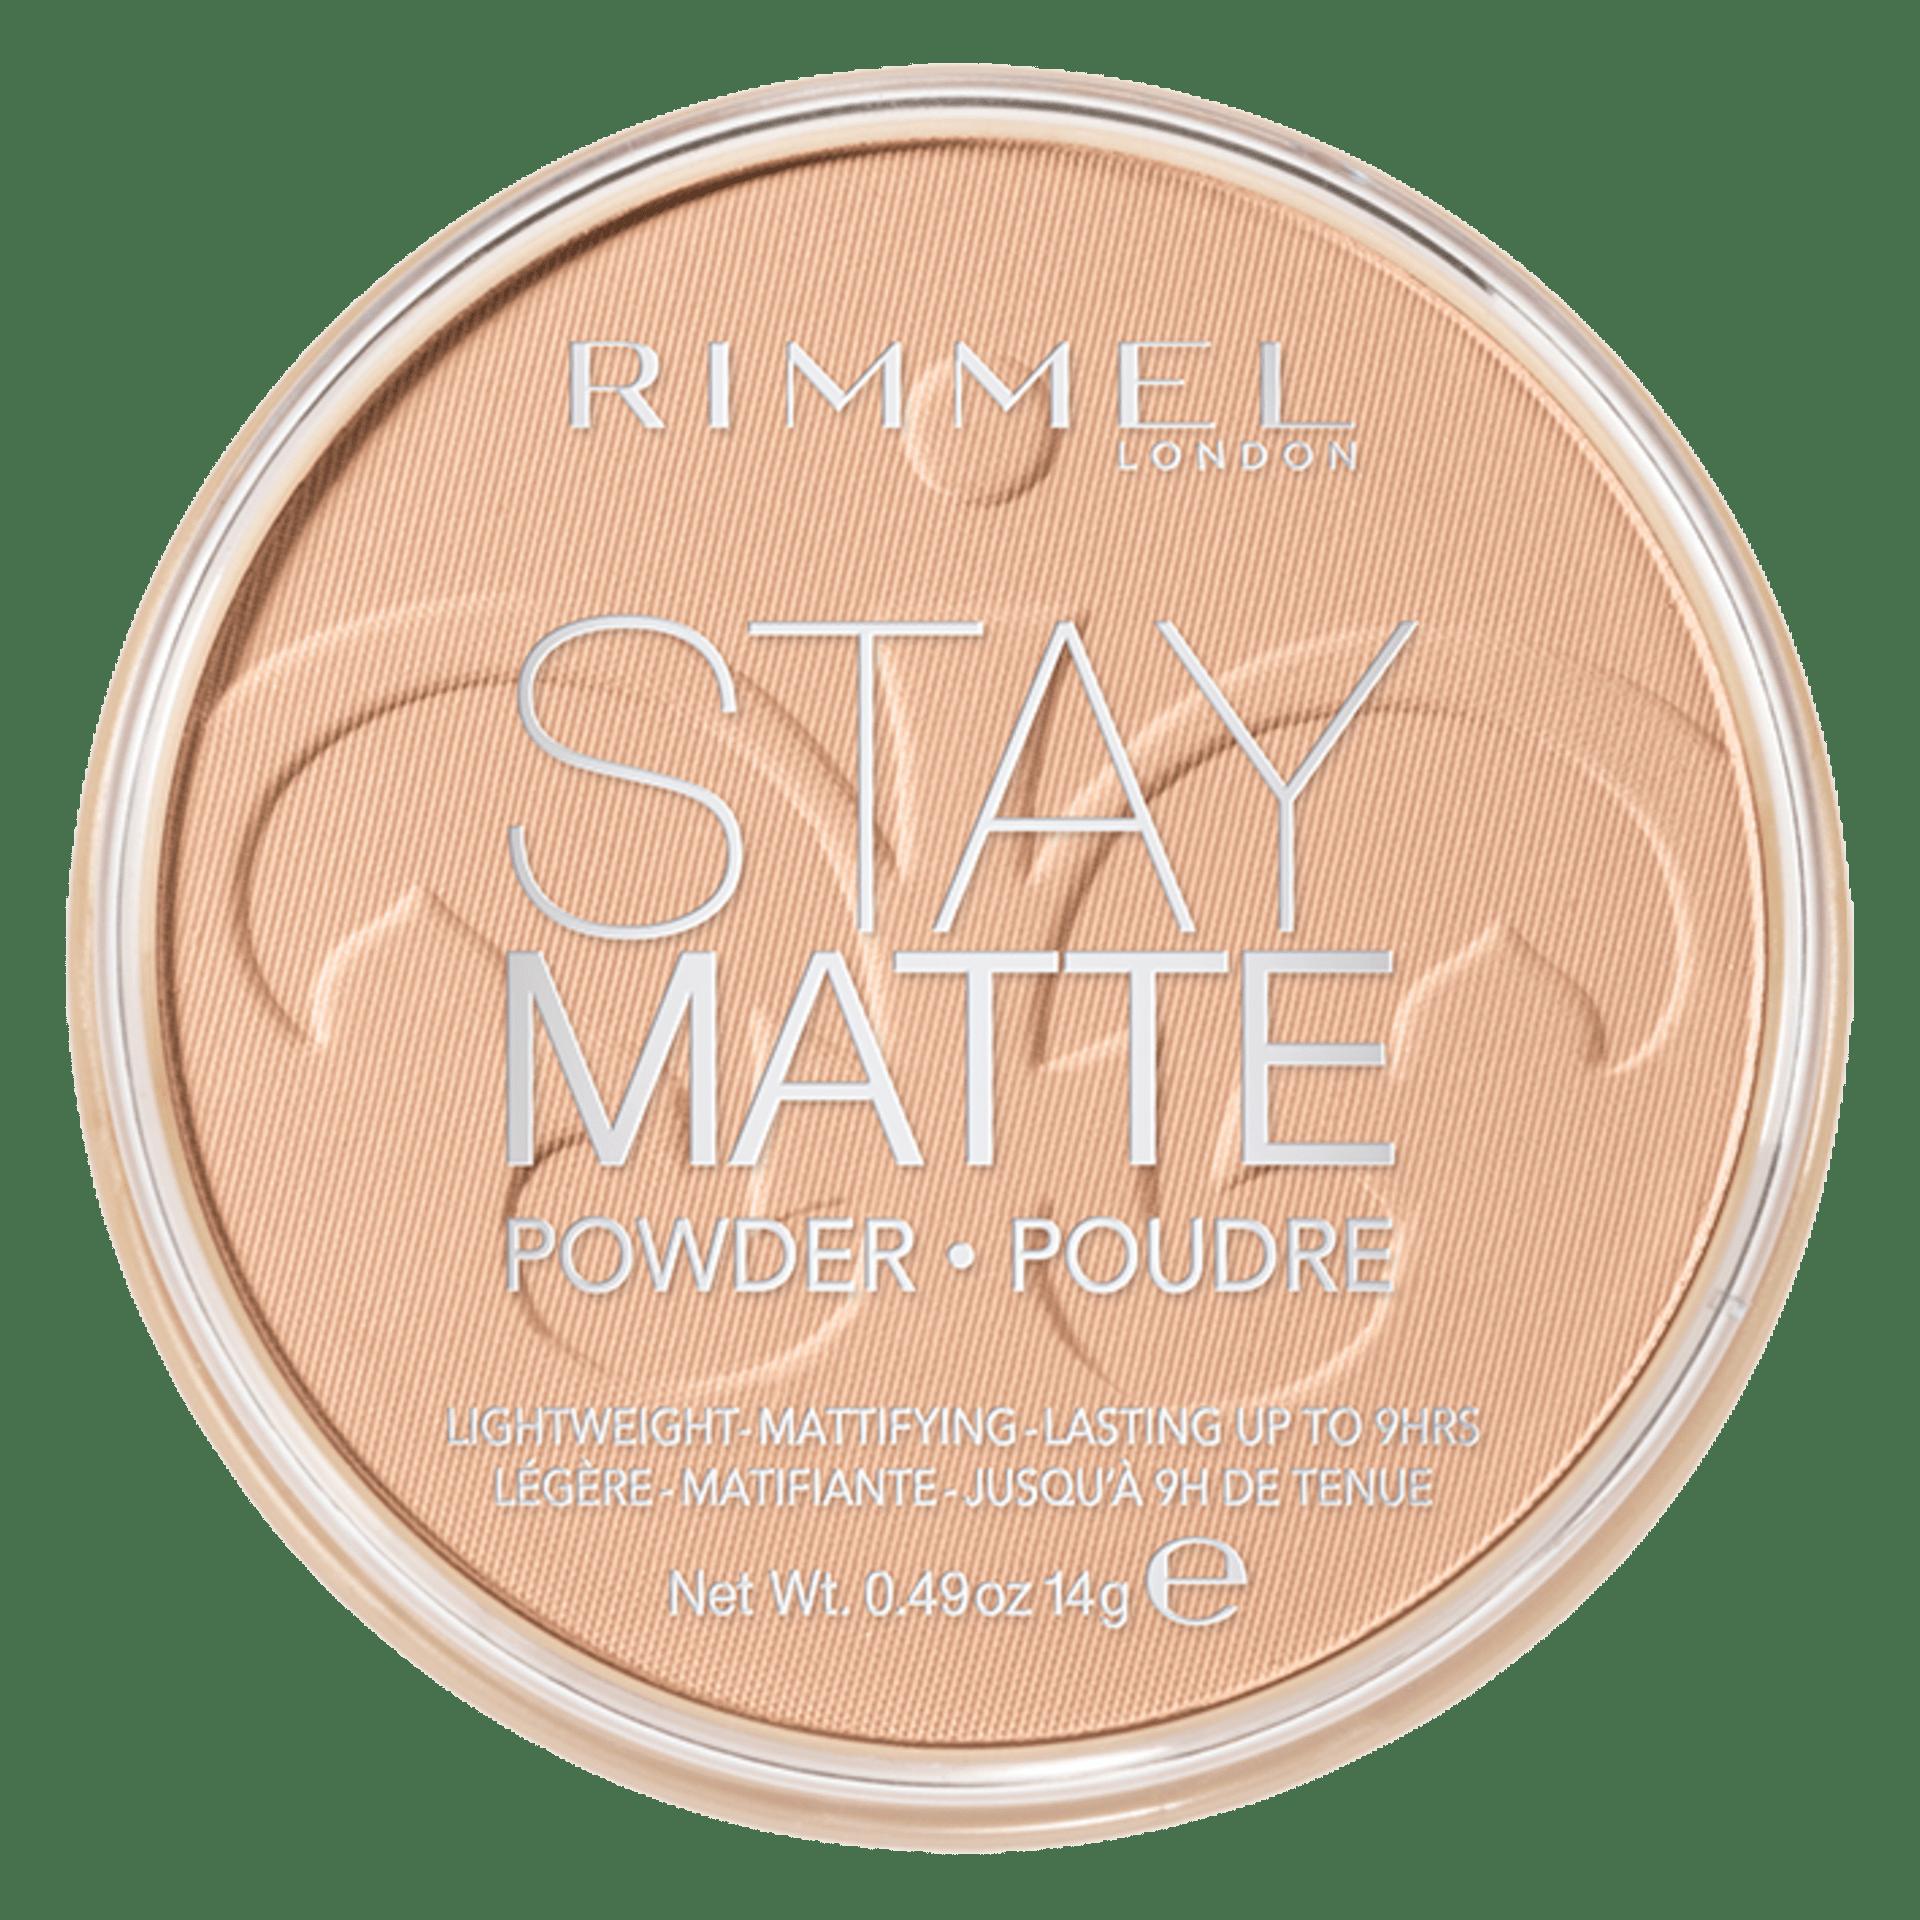 Image of Rimmel Stay Matte Cipria Compatta - 005 Silky Beige